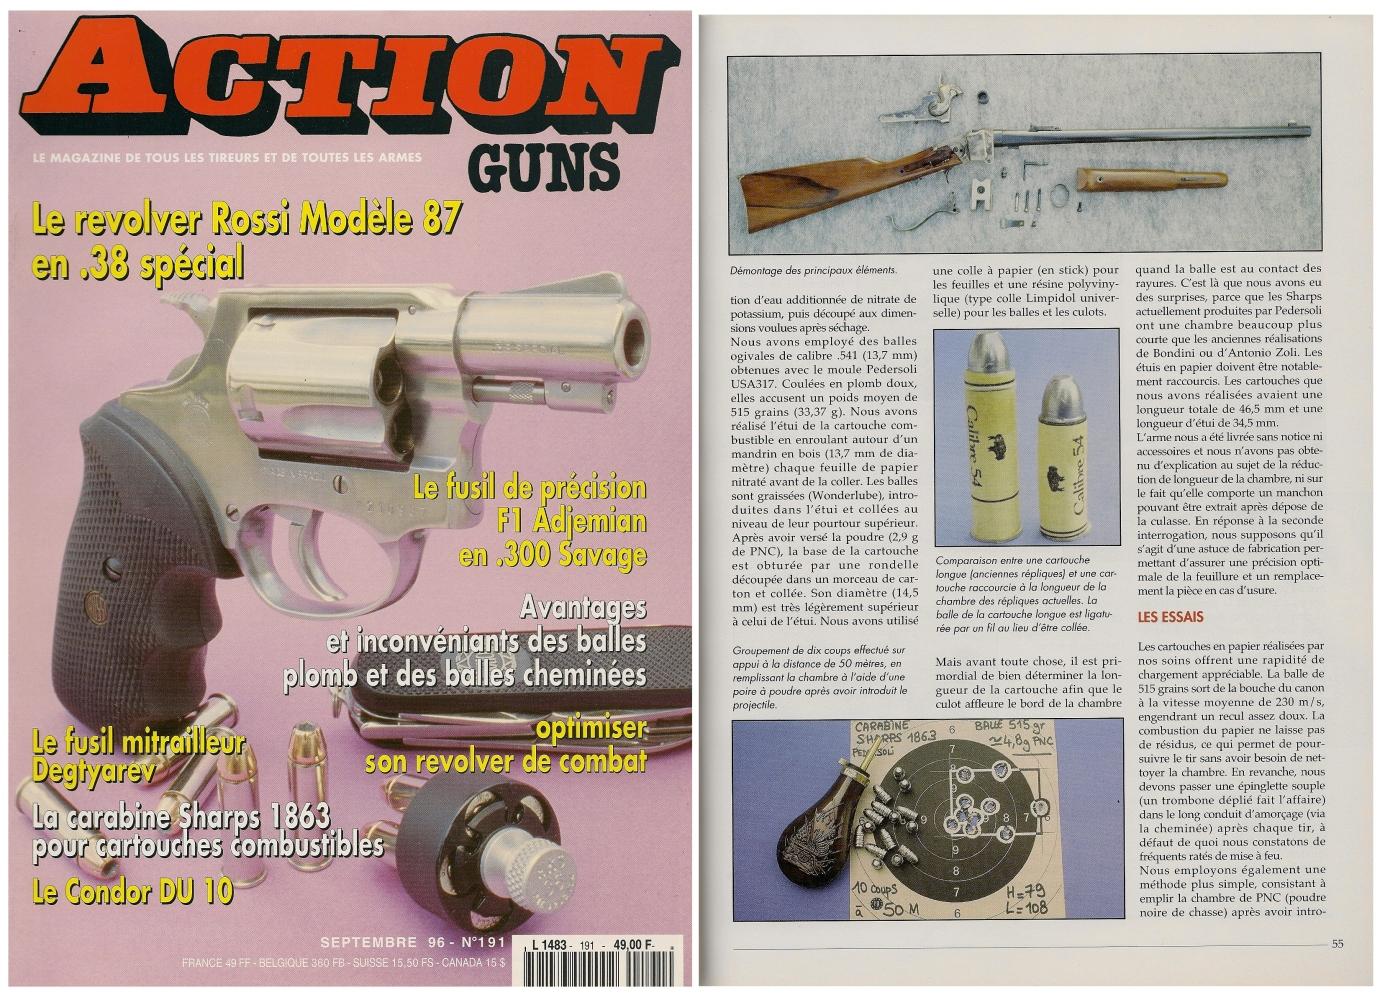 Le banc d'essai de la carabine Sharps modèle 1863 a été publié sur 6 pages dans le magazine Action Guns n° 191 (septembre 1996).